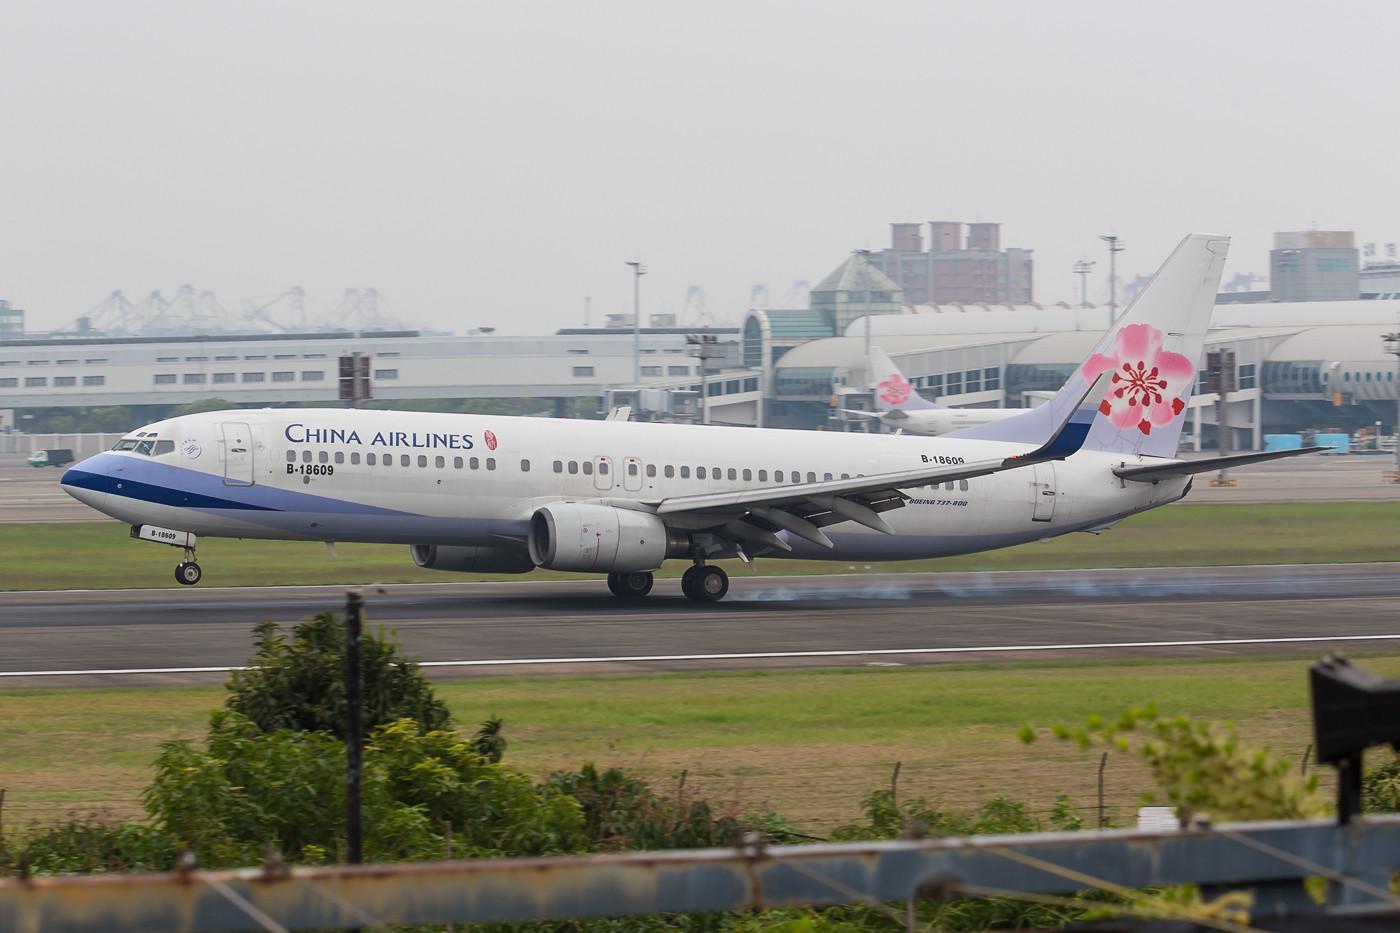 China Airlines mit Boeing 737-800, wie sie auch nach Tokyo-Haneda eingesetzt wird.